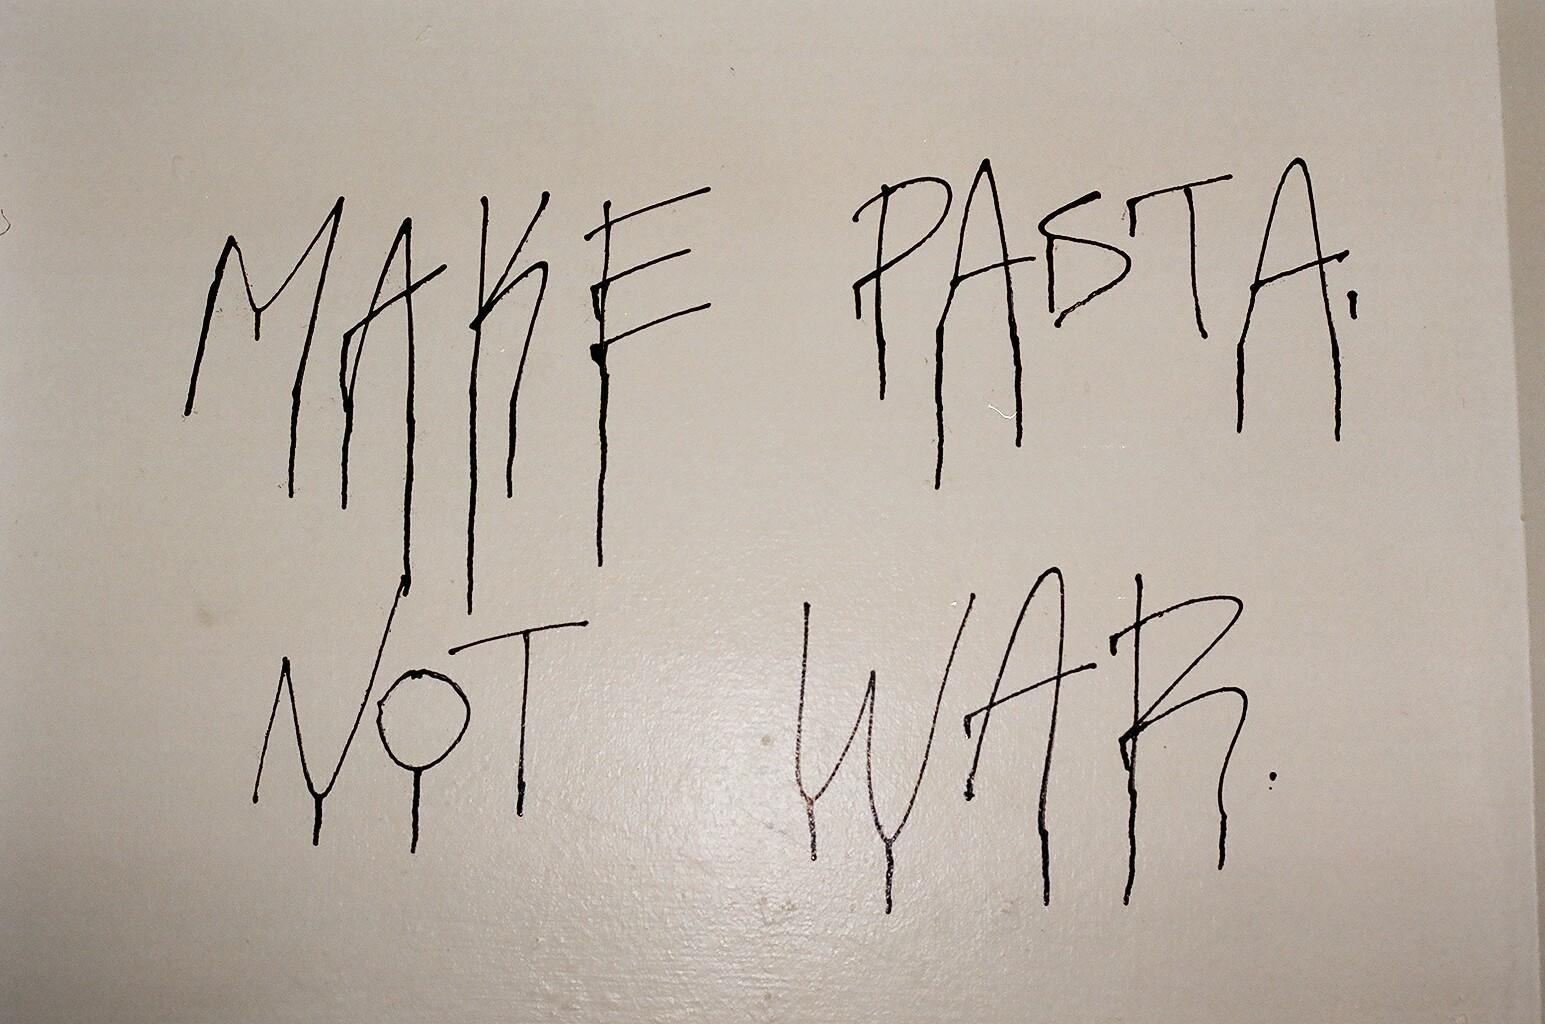 15.3.16 - MAKE PASTA NO WAR